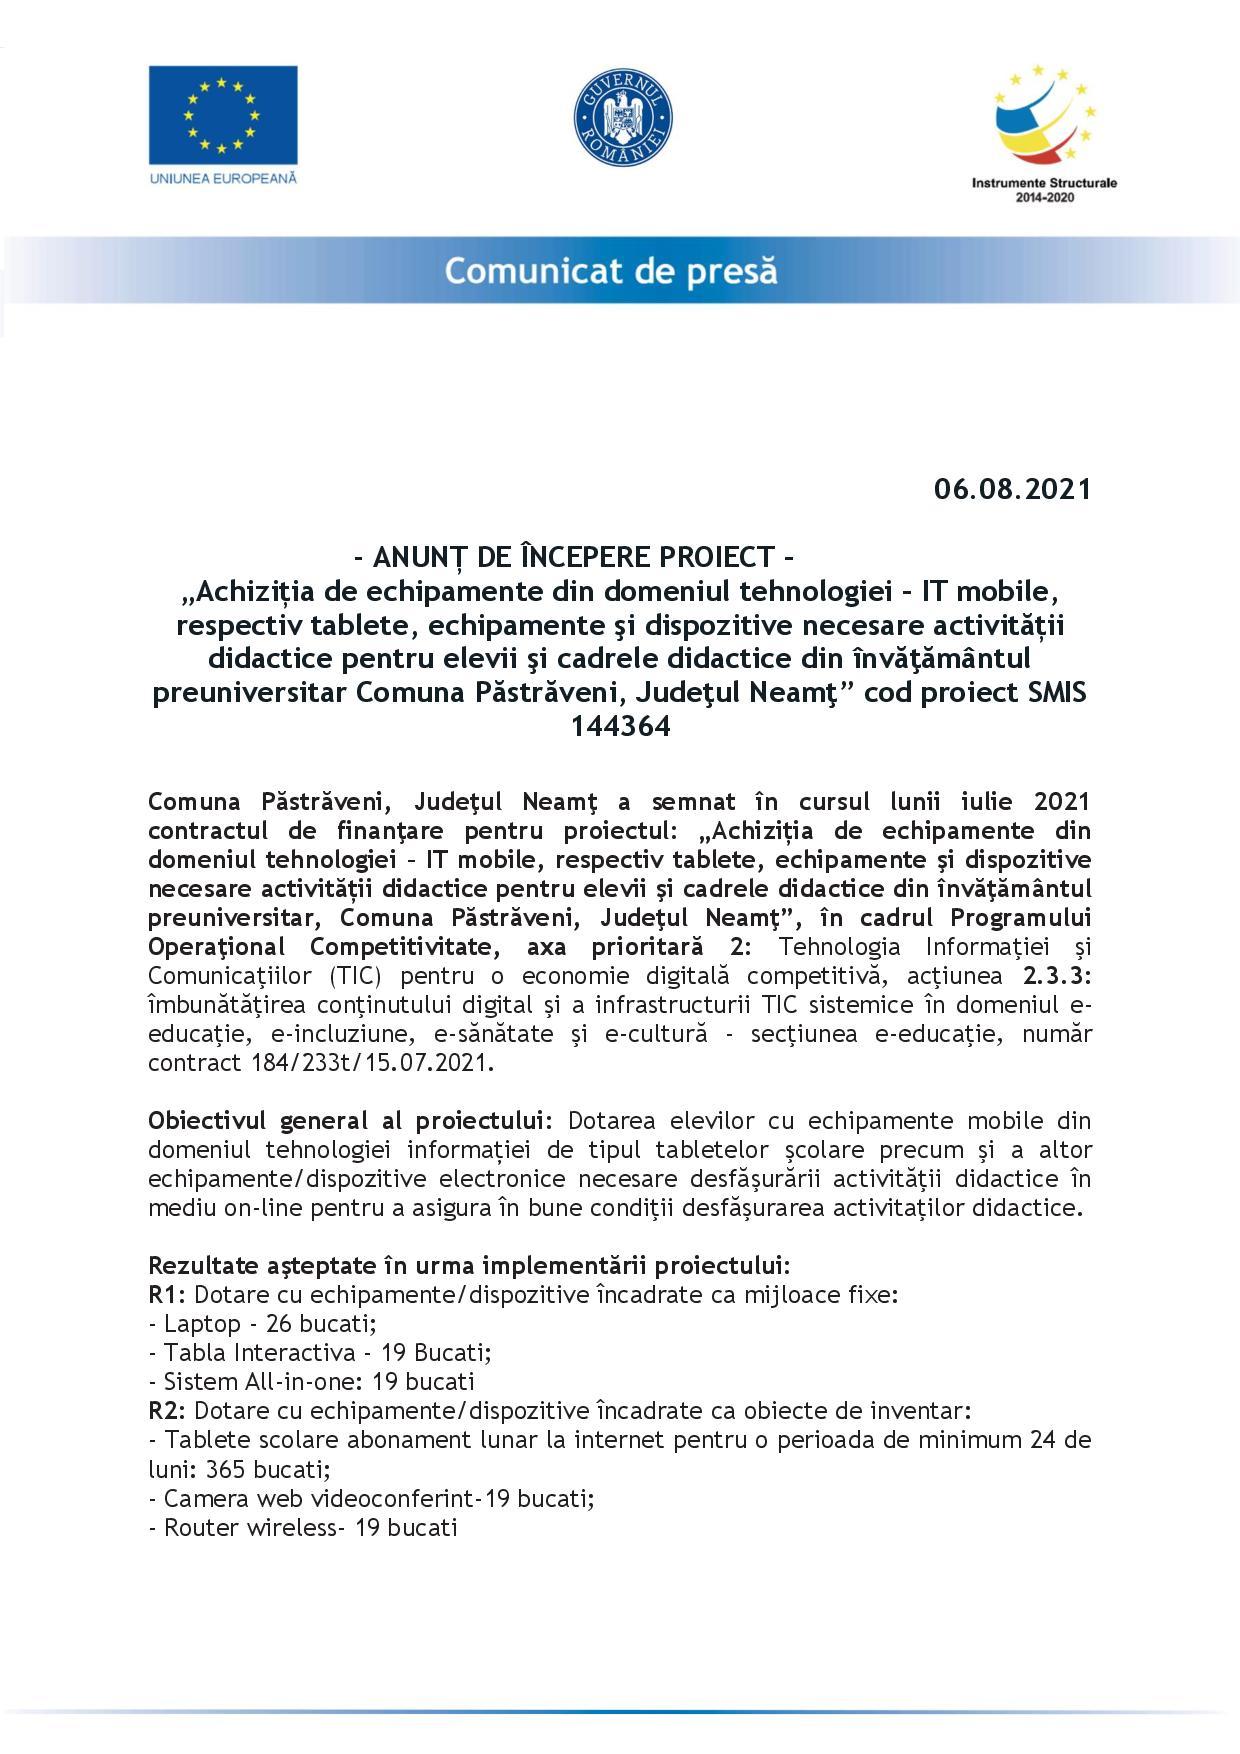 Pastraveni-COMUNICAT DE PRESA-page-001